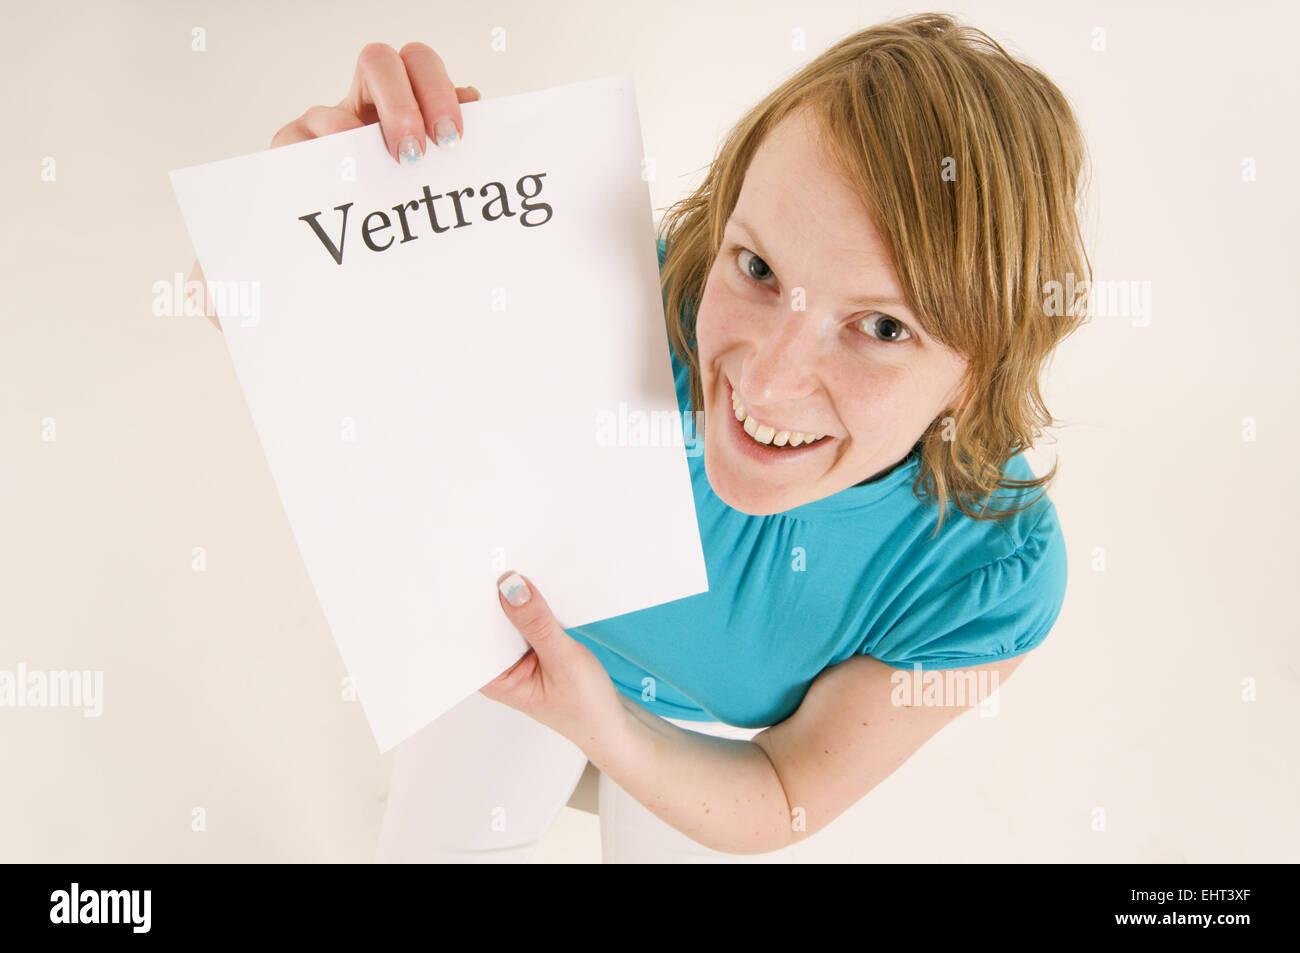 Zufriedene Blonde Frau Hält Einen Blankovertrag In Die Kamera Stock